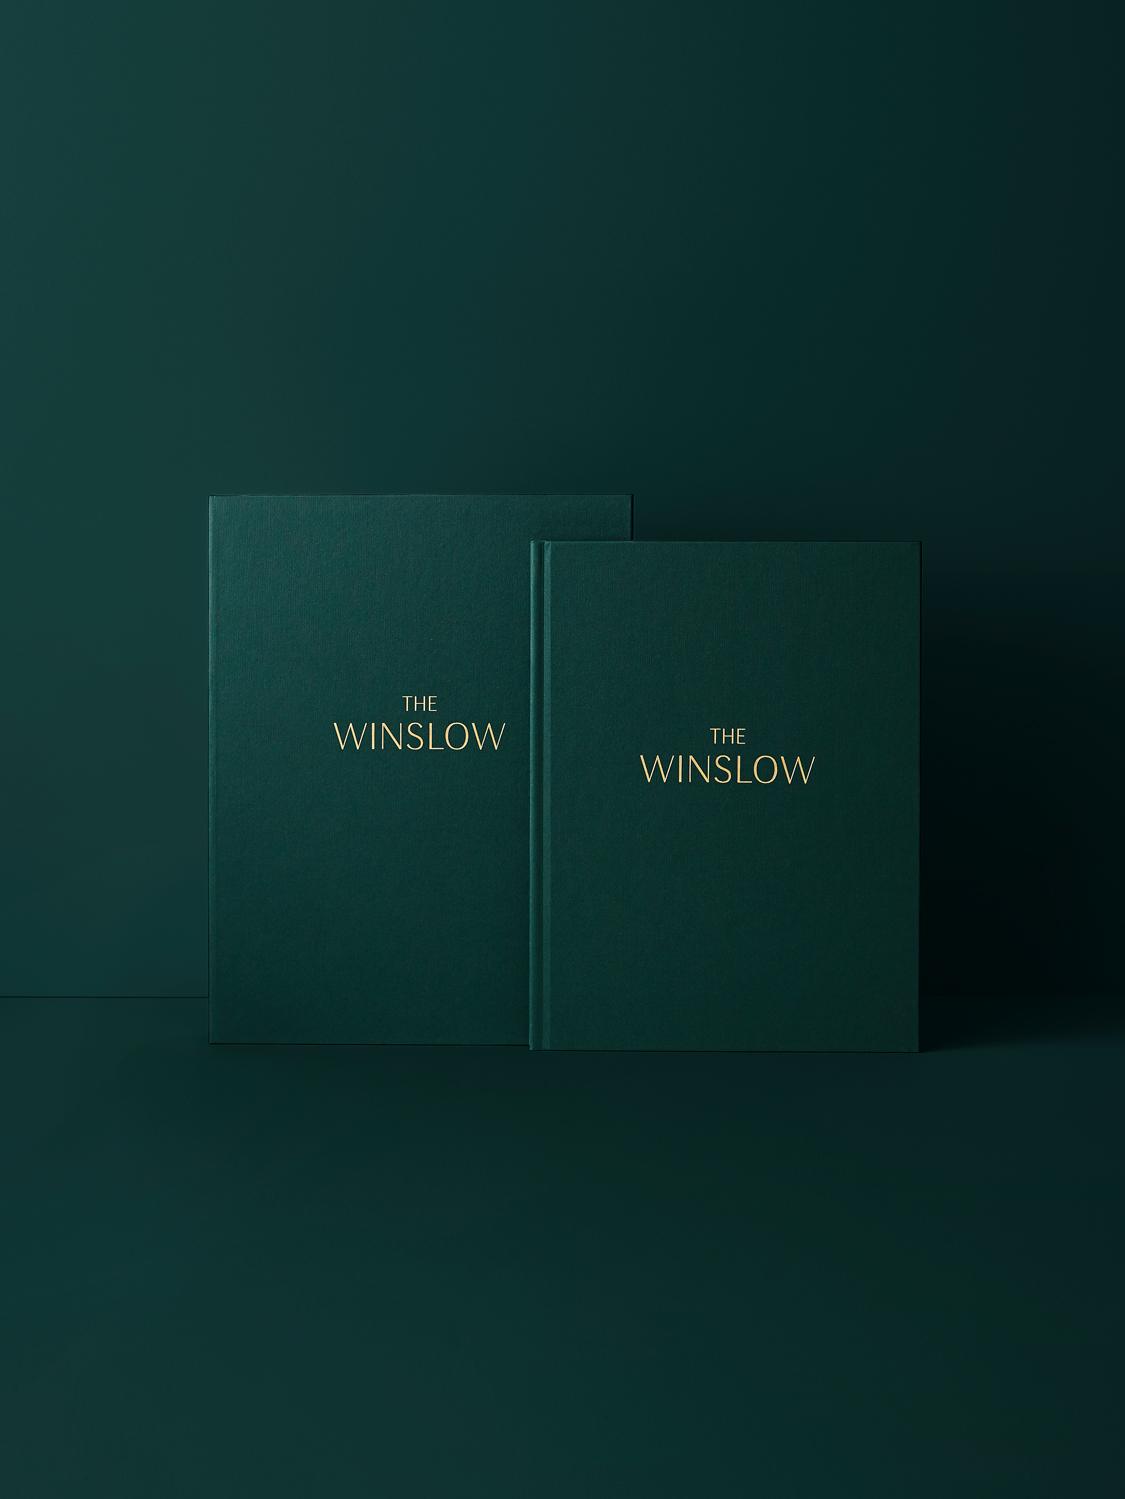 TheWinslow-shot-01_010_V2